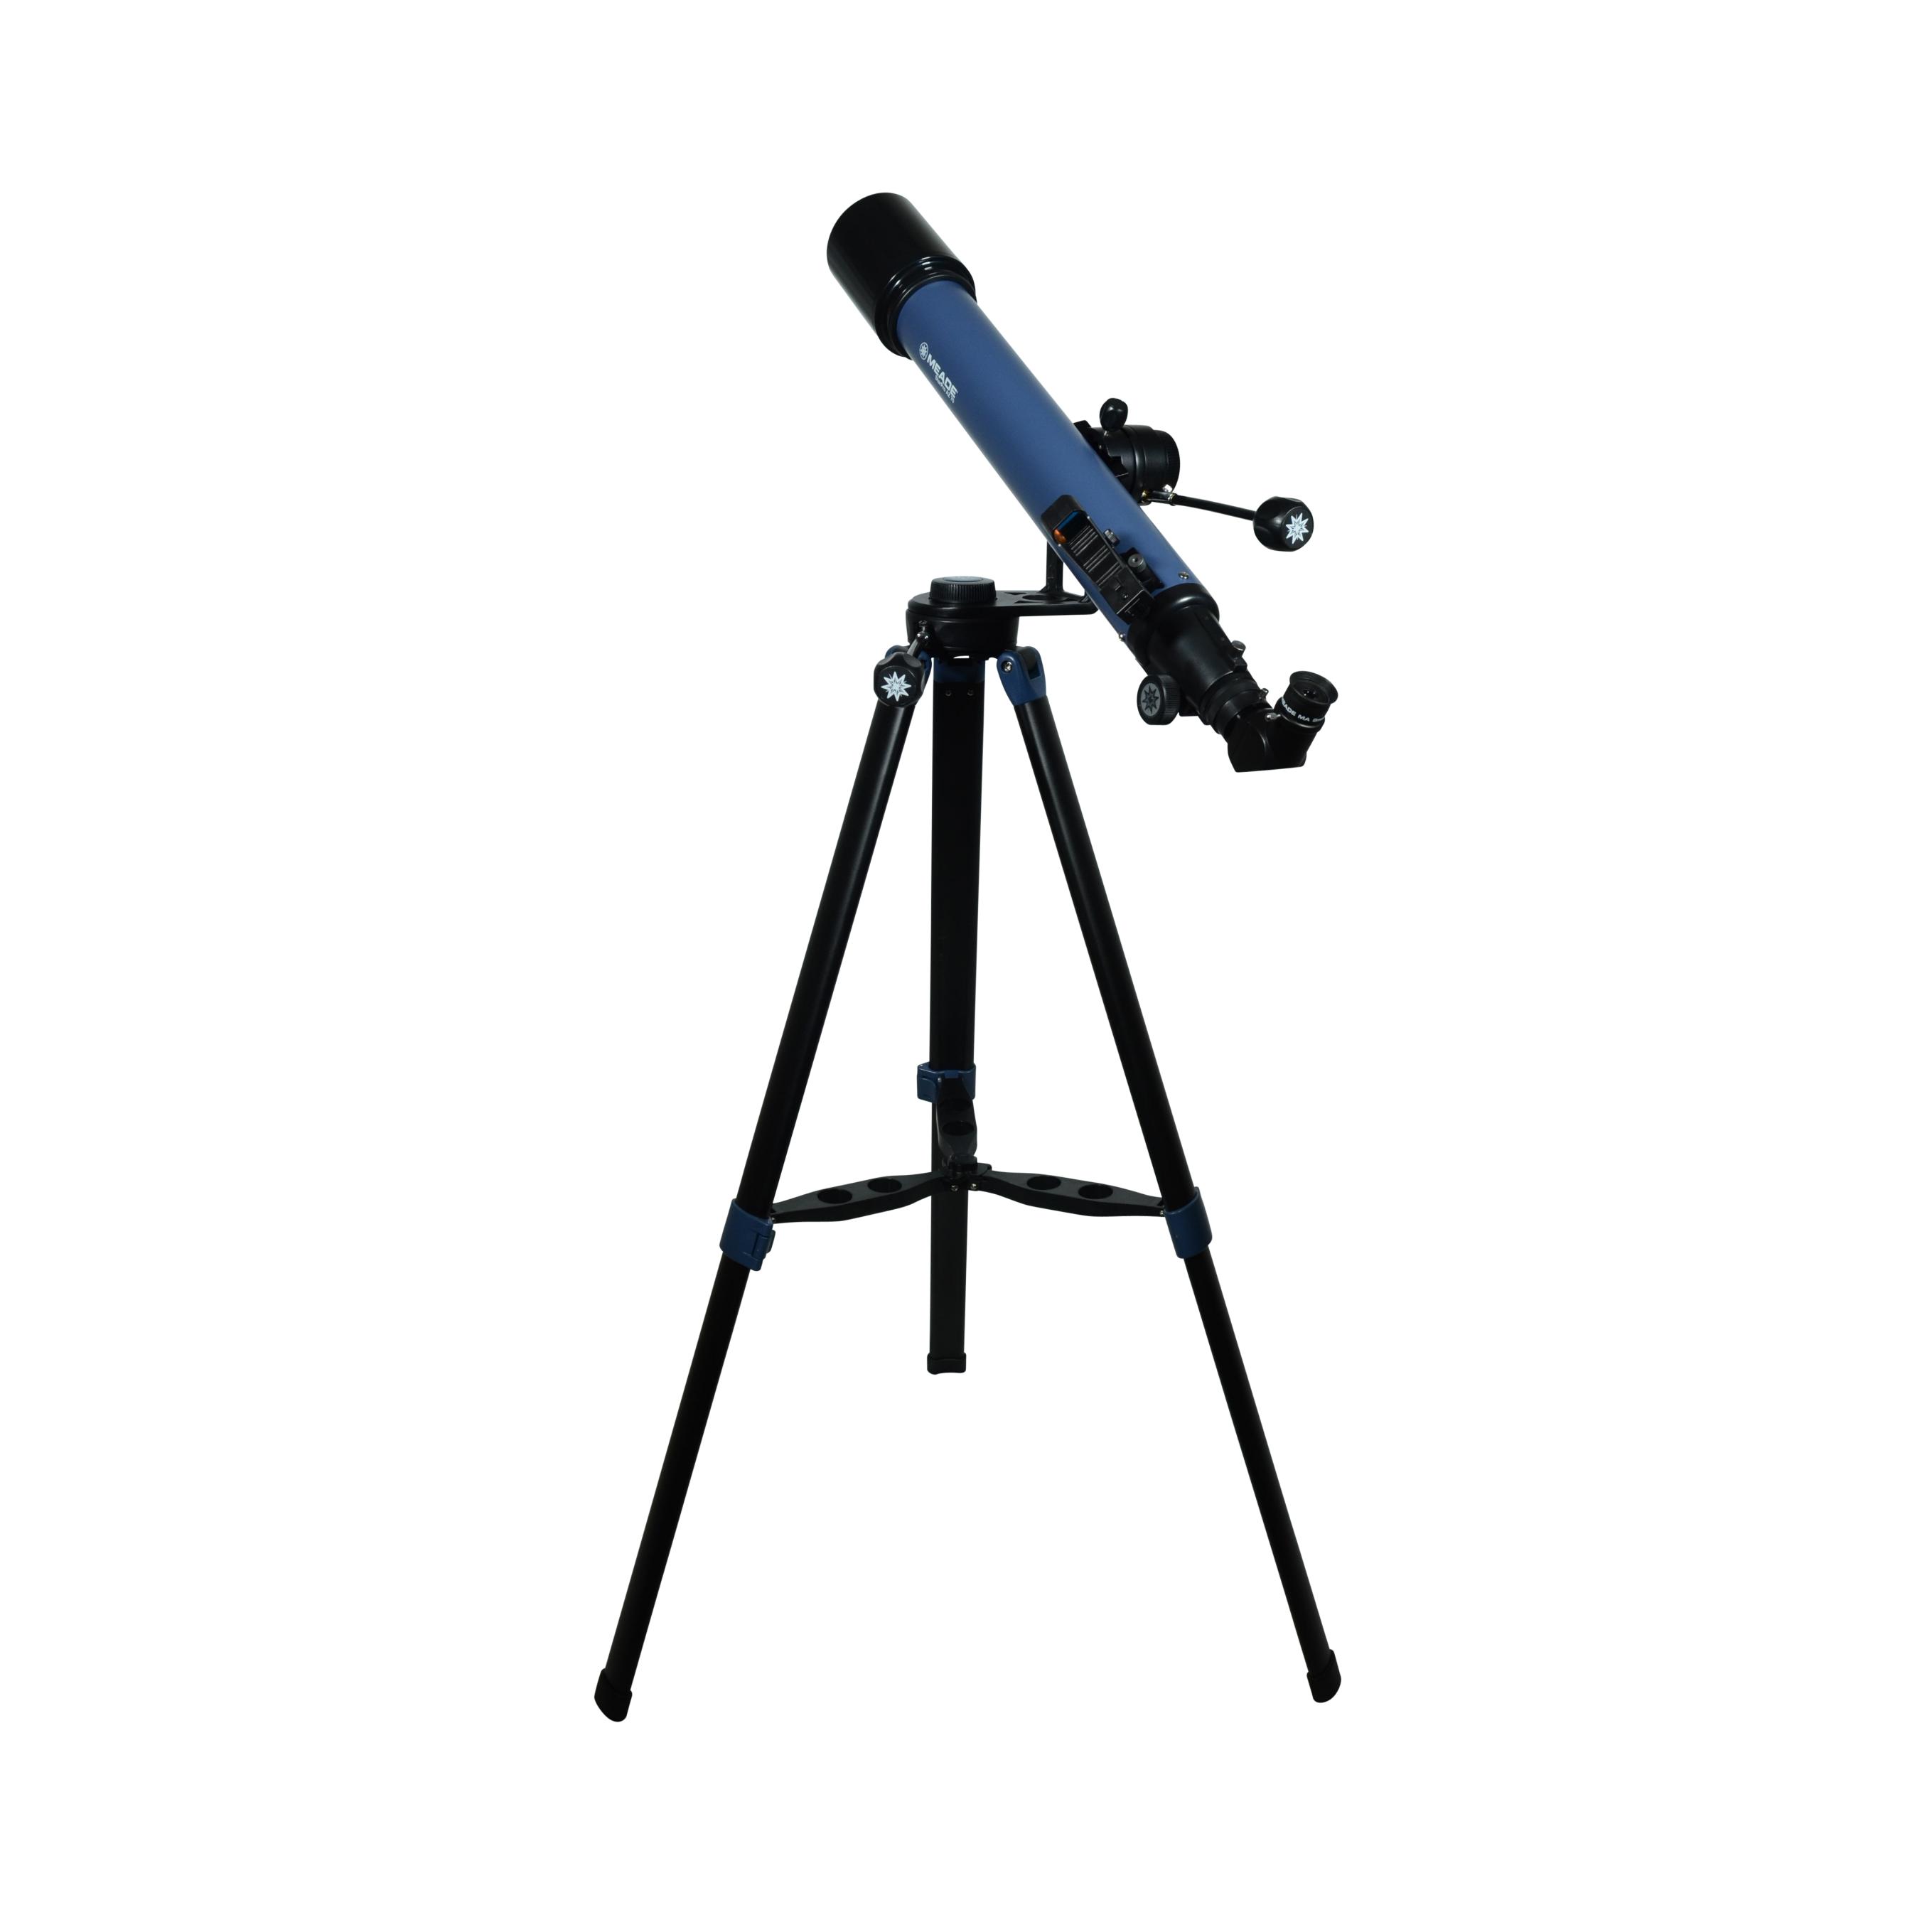 Фото - Телескоп Meade StarPro AZ 70 мм (+ Книга знаний «Космос. Непустая пустота» в подарок!) рус д играть чтобы жить книга седьмая исход